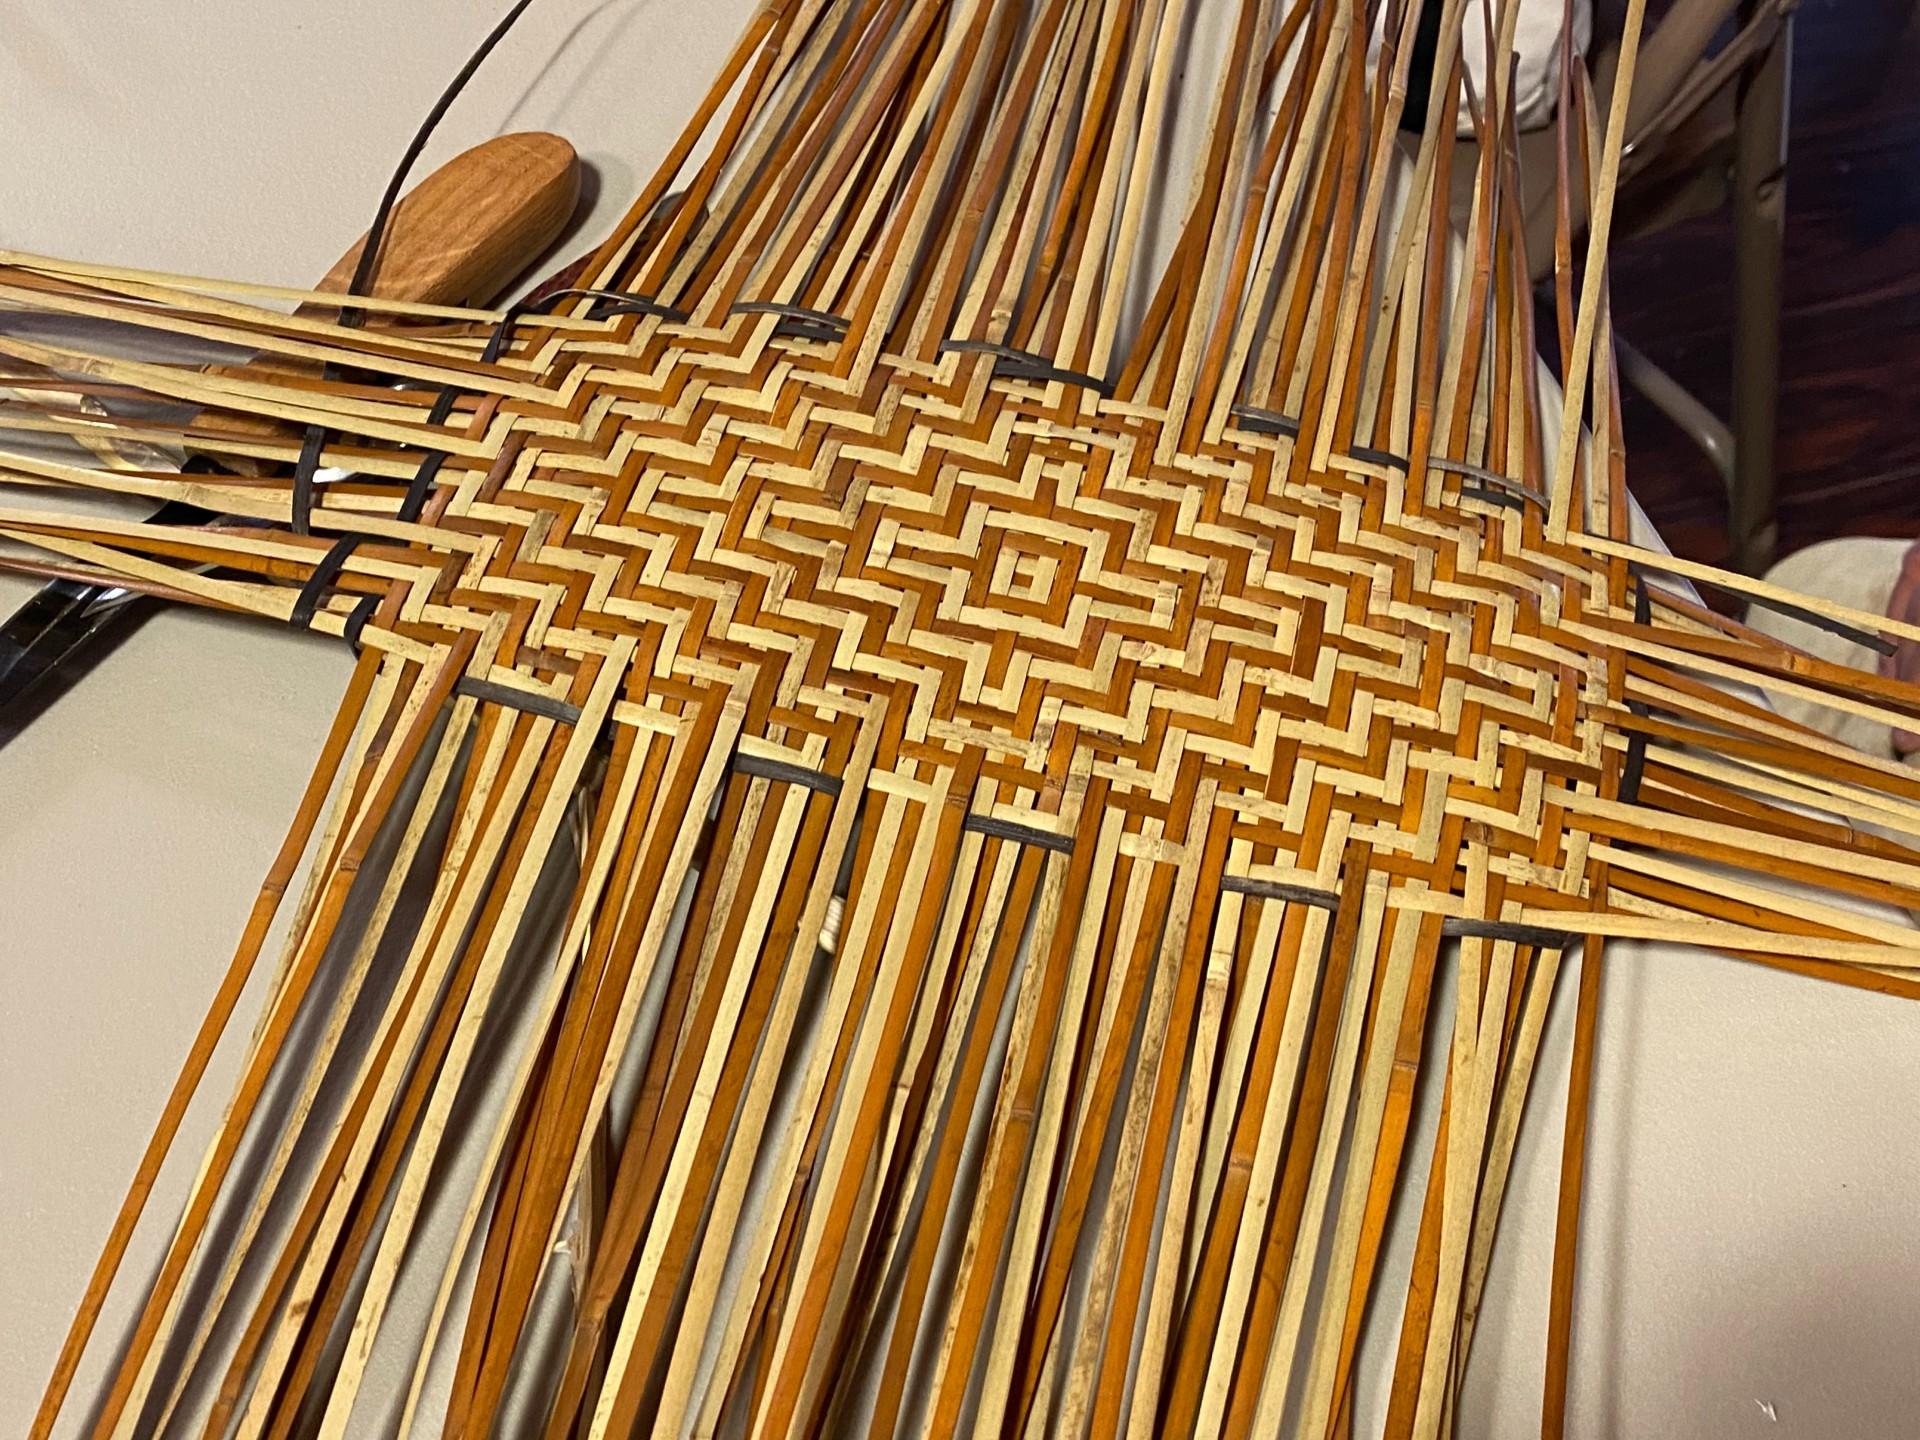 Basket in progress, by Lucille Lossiah